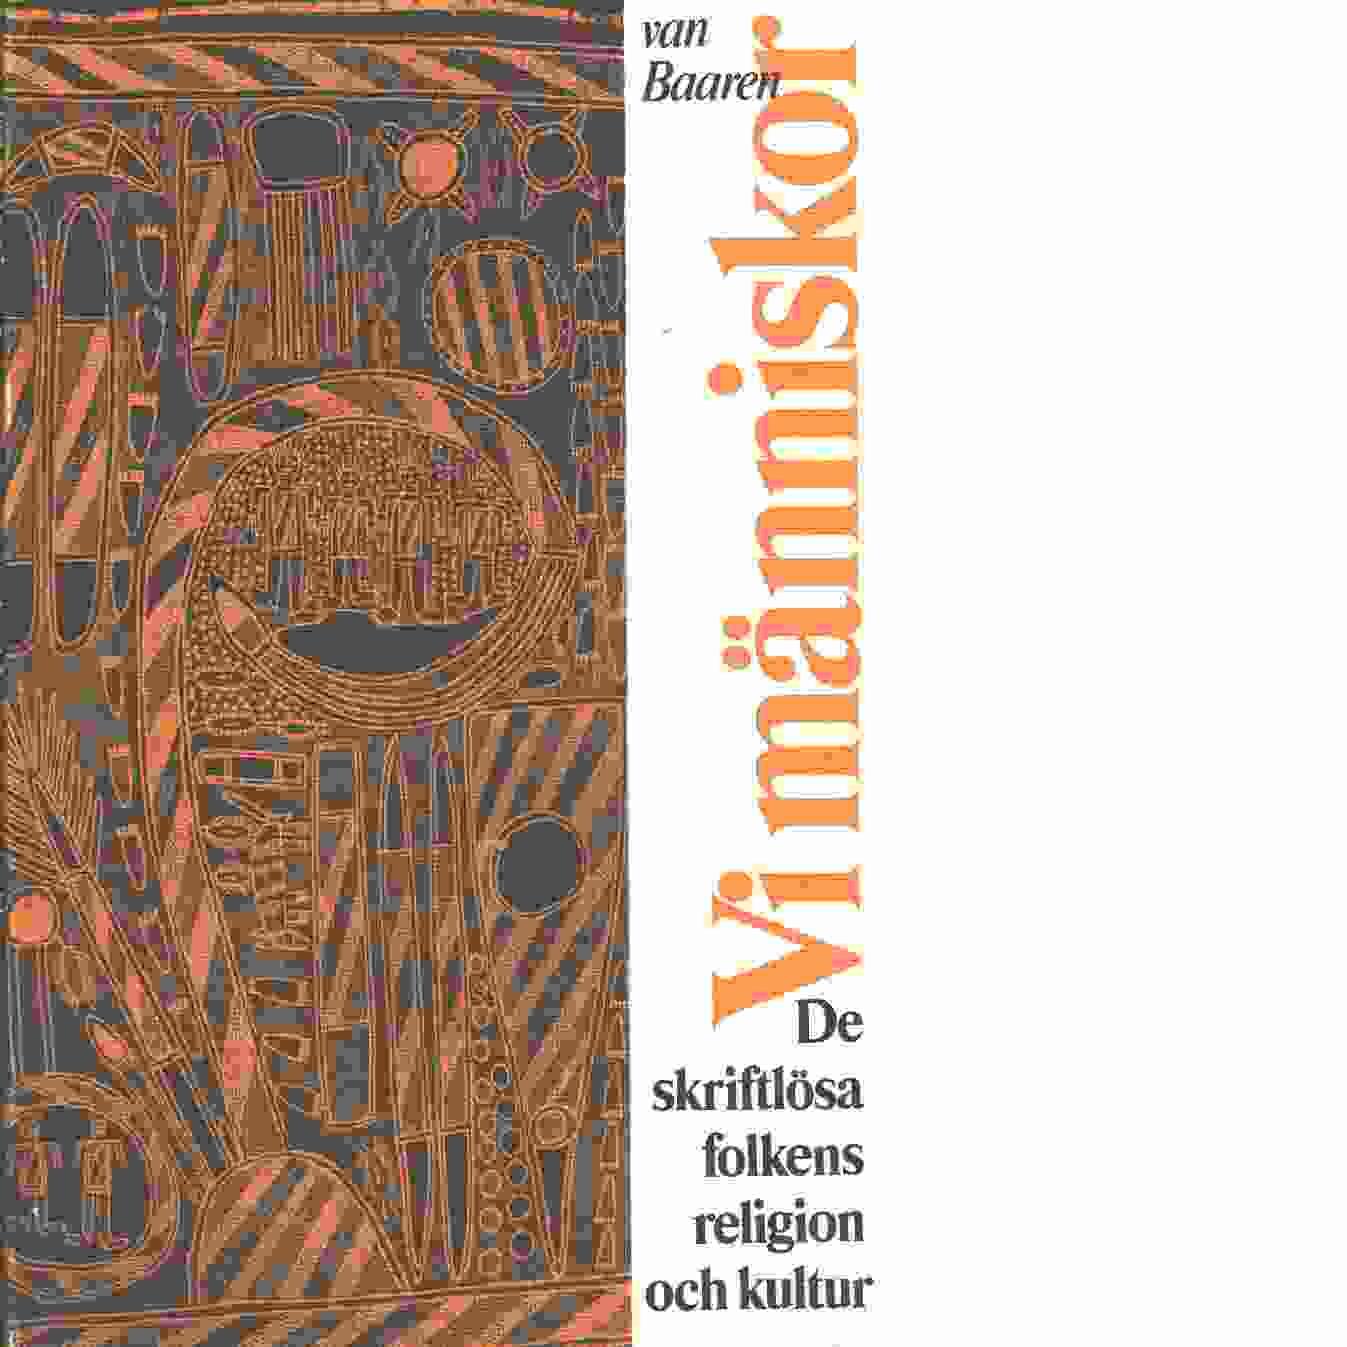 Vi människor : de skriftlösa folkens religion och kultur - Baaren, Theodorus Petrus van